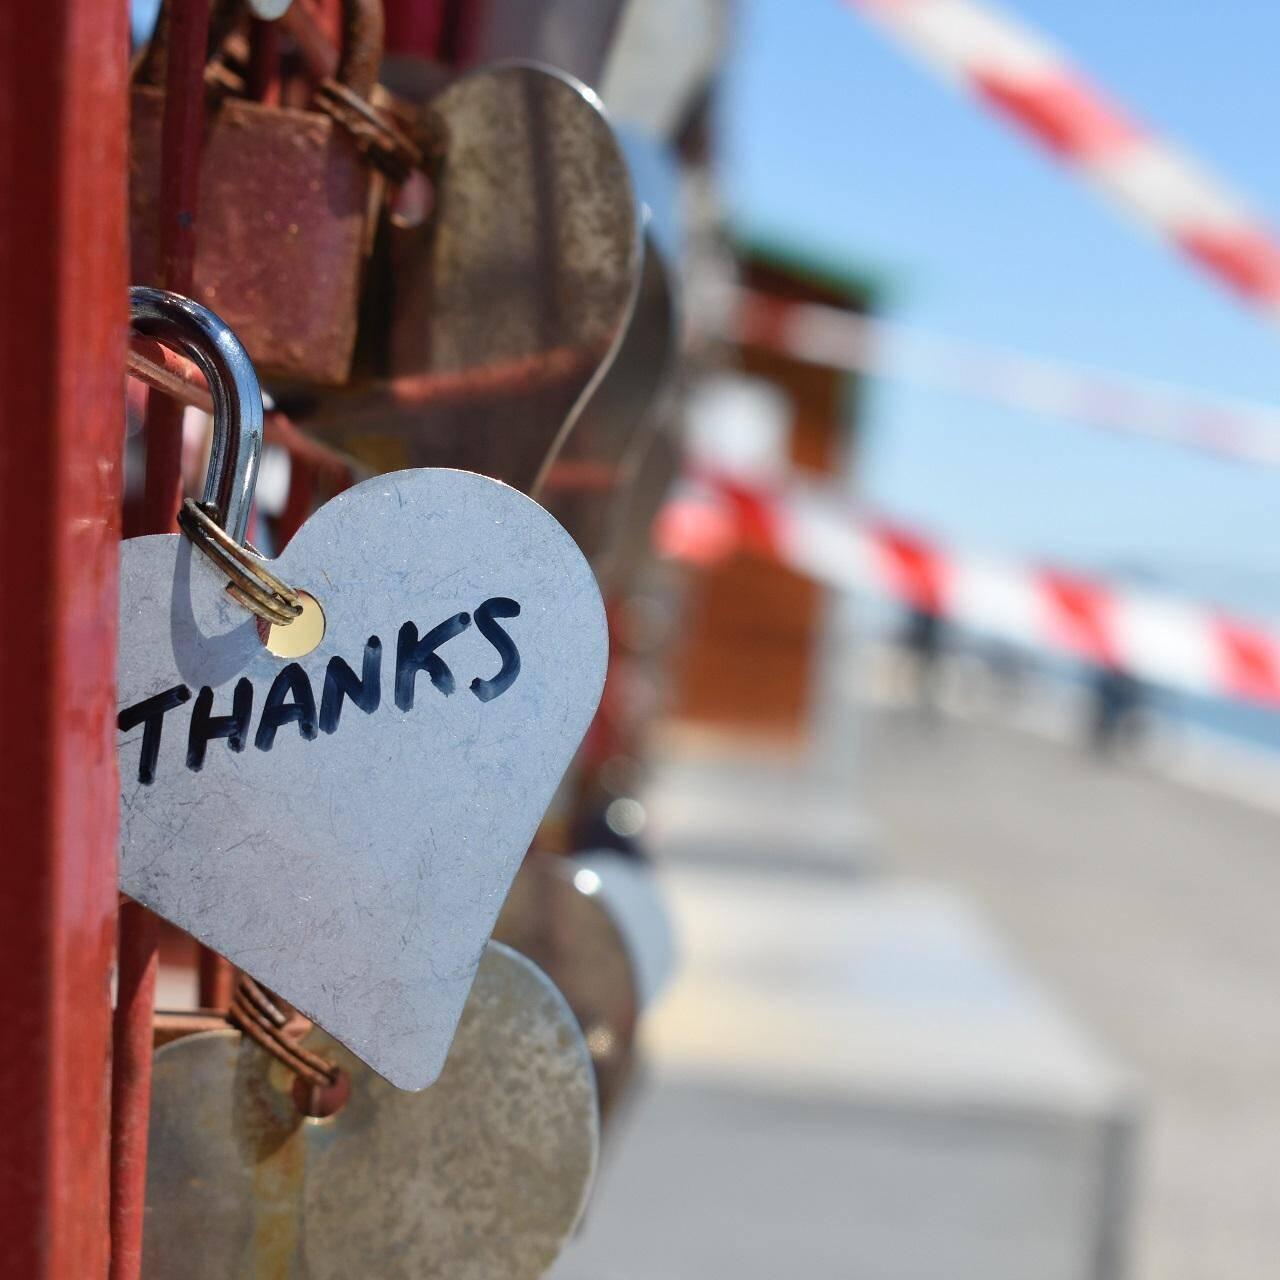 αξία της ευγνωμοσύνης